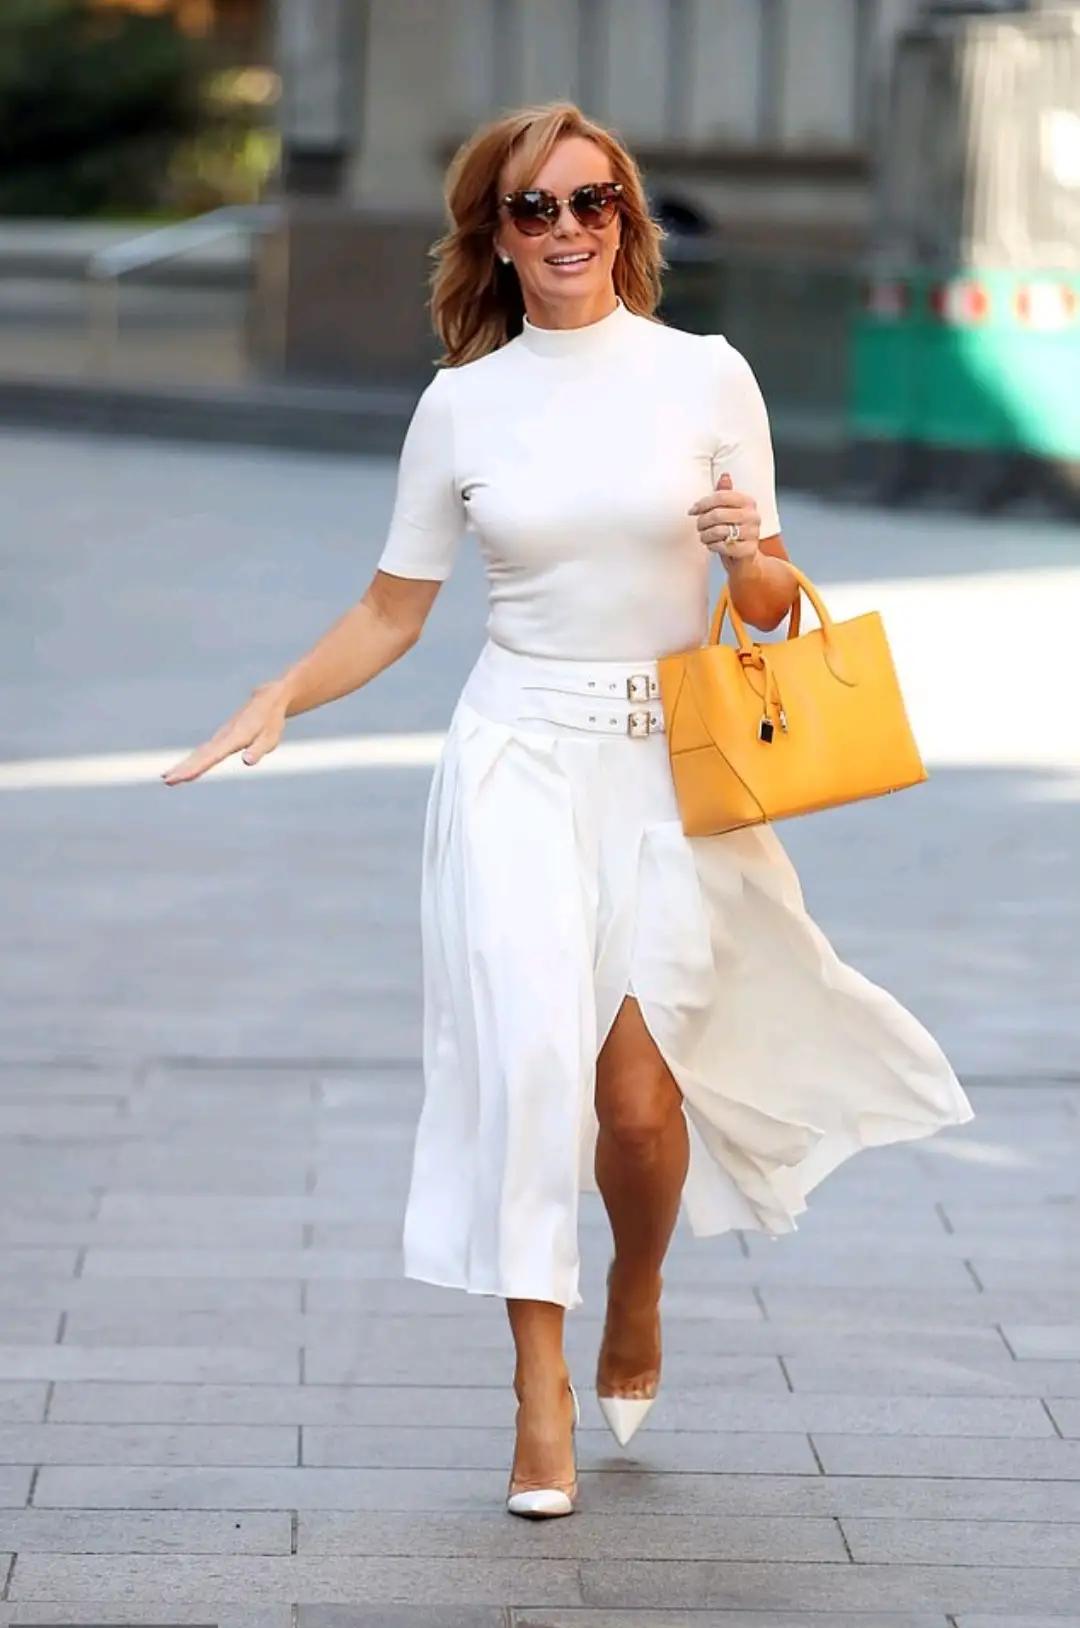 女星阿曼达·霍尔顿,针织衫搭开衩裙,49岁身材没走样